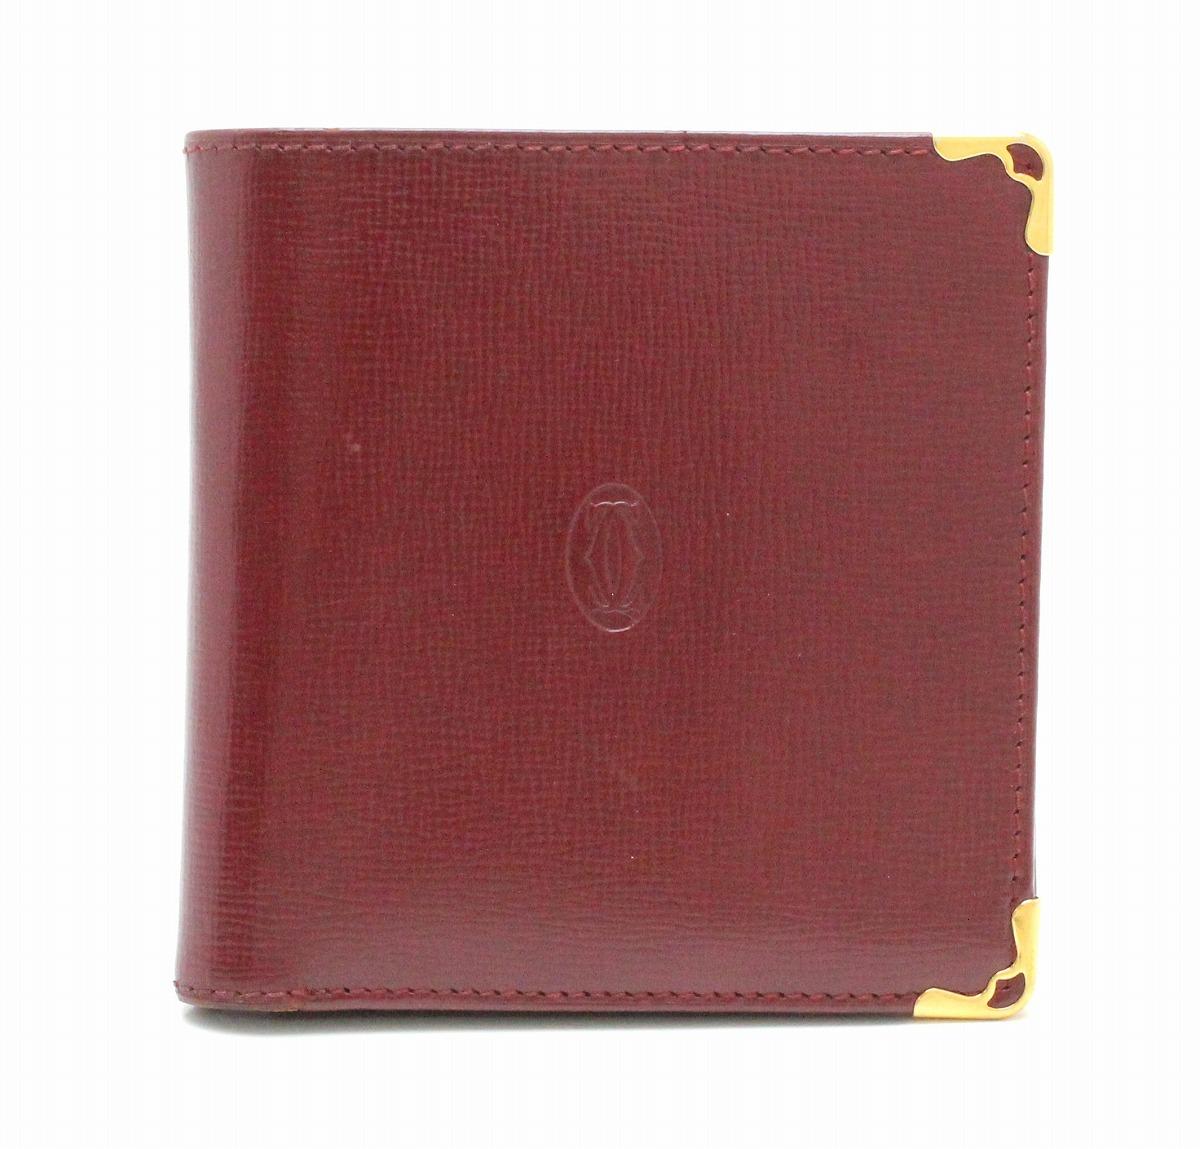 【財布】Cartier カルティエ マストライン マスト ドゥ カルティエ 2つ折財布 ボルドー 【中古】【k】